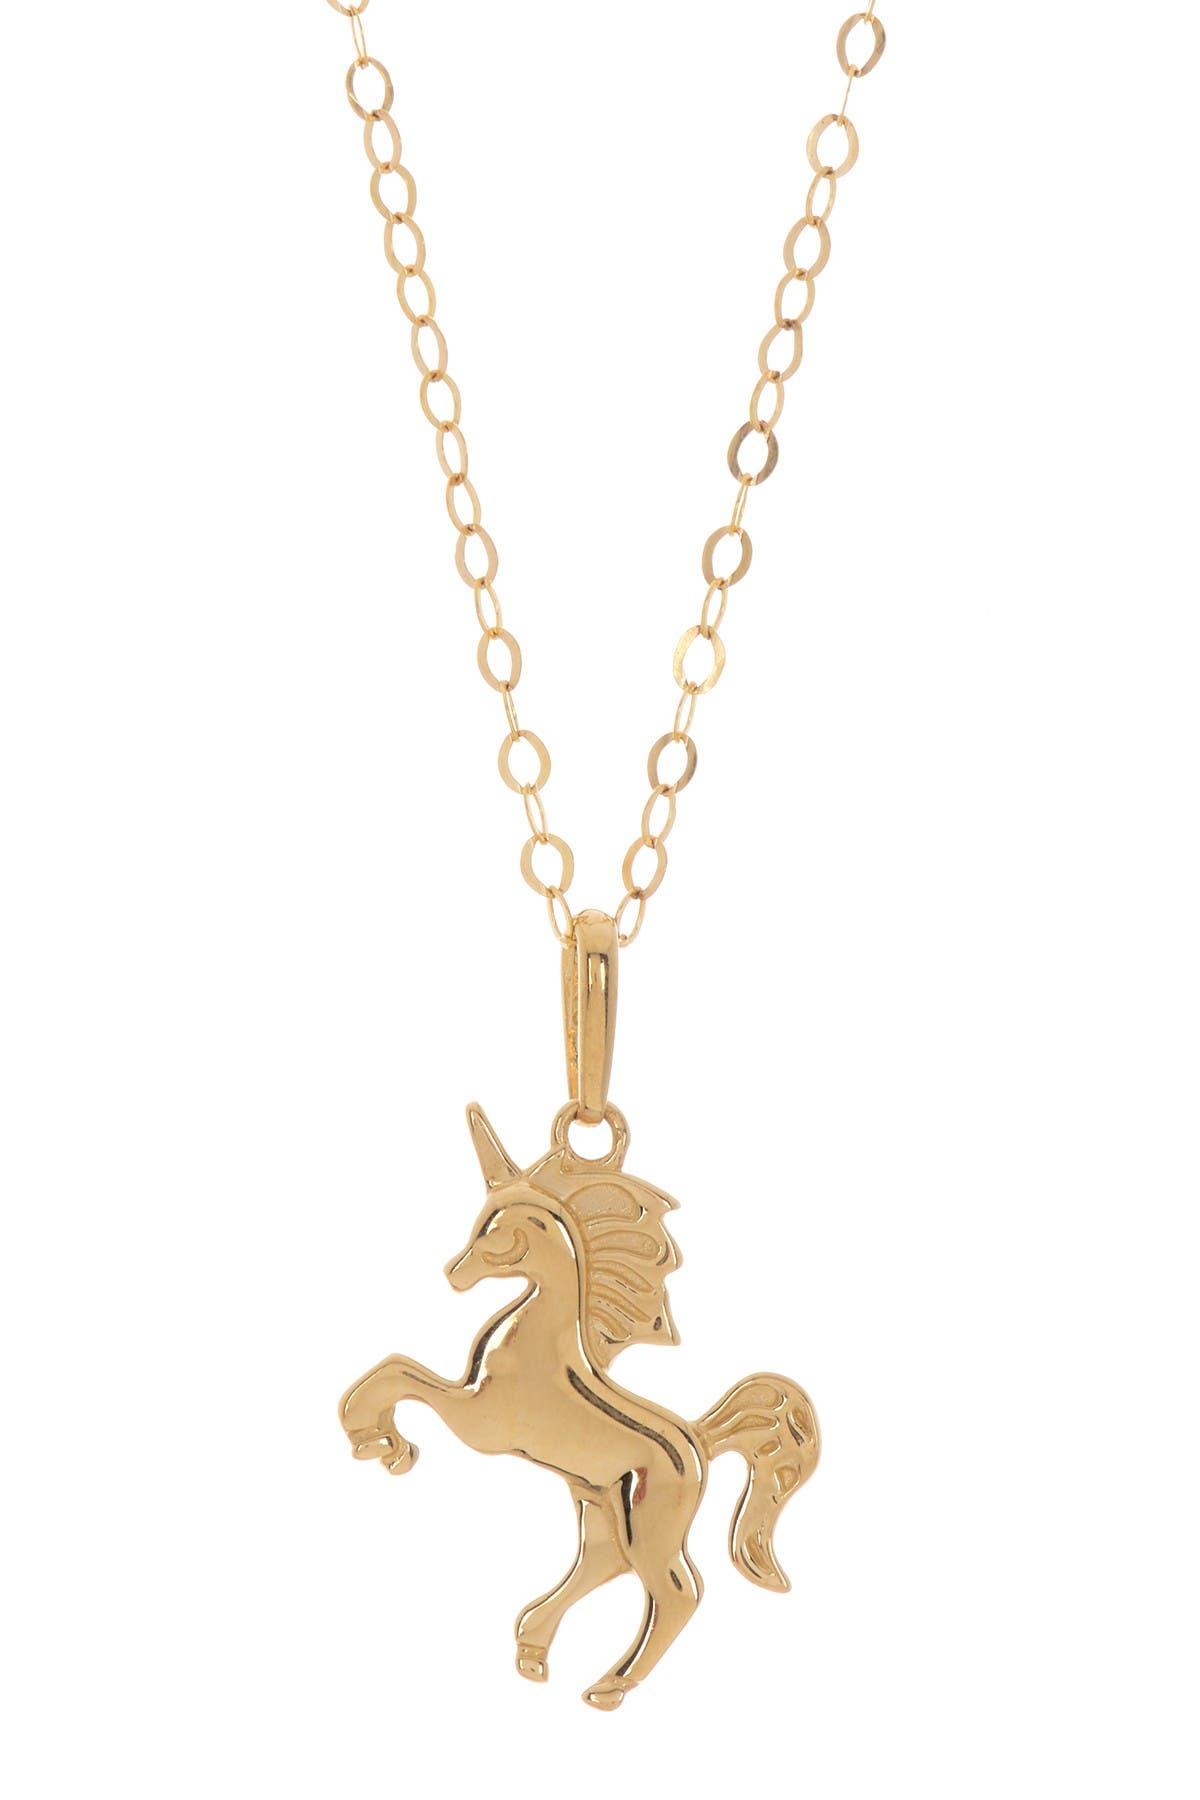 Image of Candela 14K Yellow Gold Unicorn Pendant Necklace